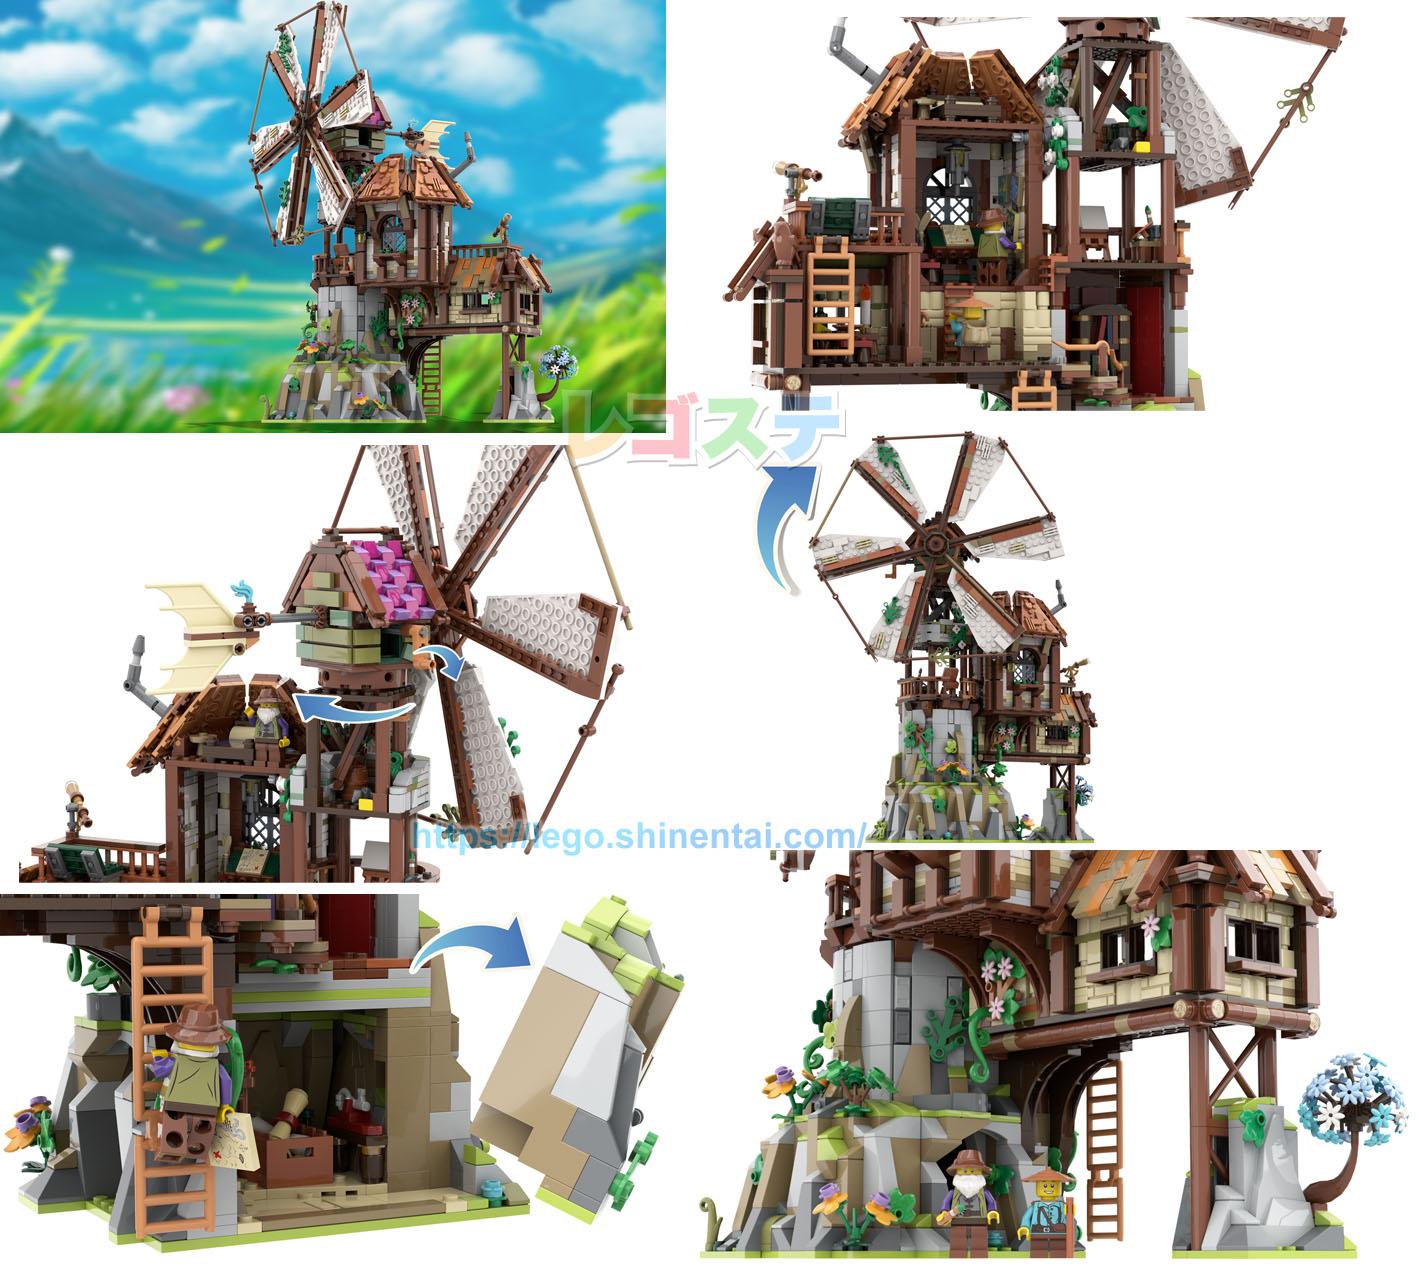 山の風車:The Mountain Windmill